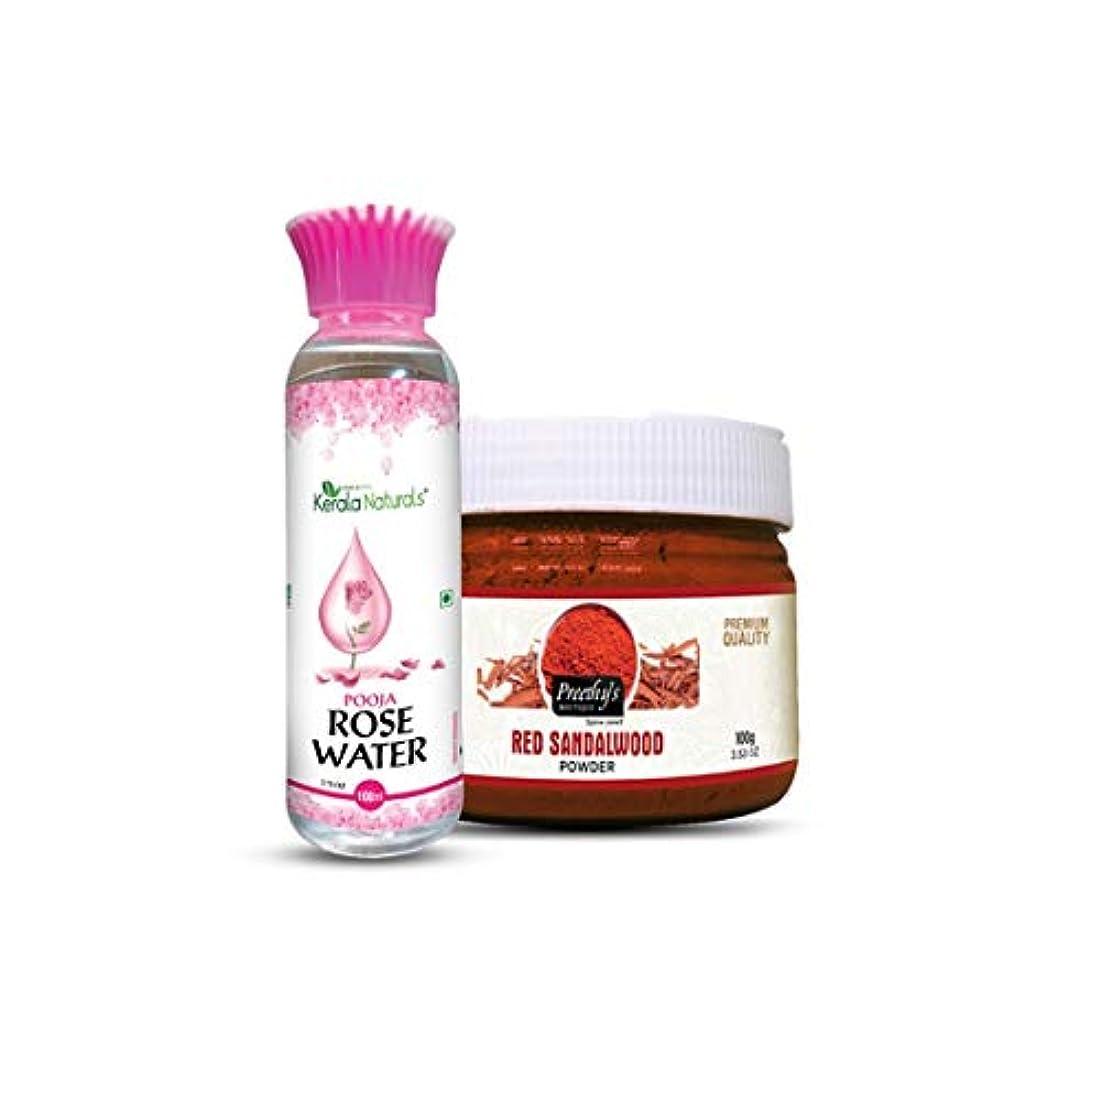 よろしく任命テメリティCombo of Red sandalwood powder 100gm+ Rose water 100ml - Enhancing the beauty of the Skin - 赤白檀パウダー100gm +ローズウォーター...